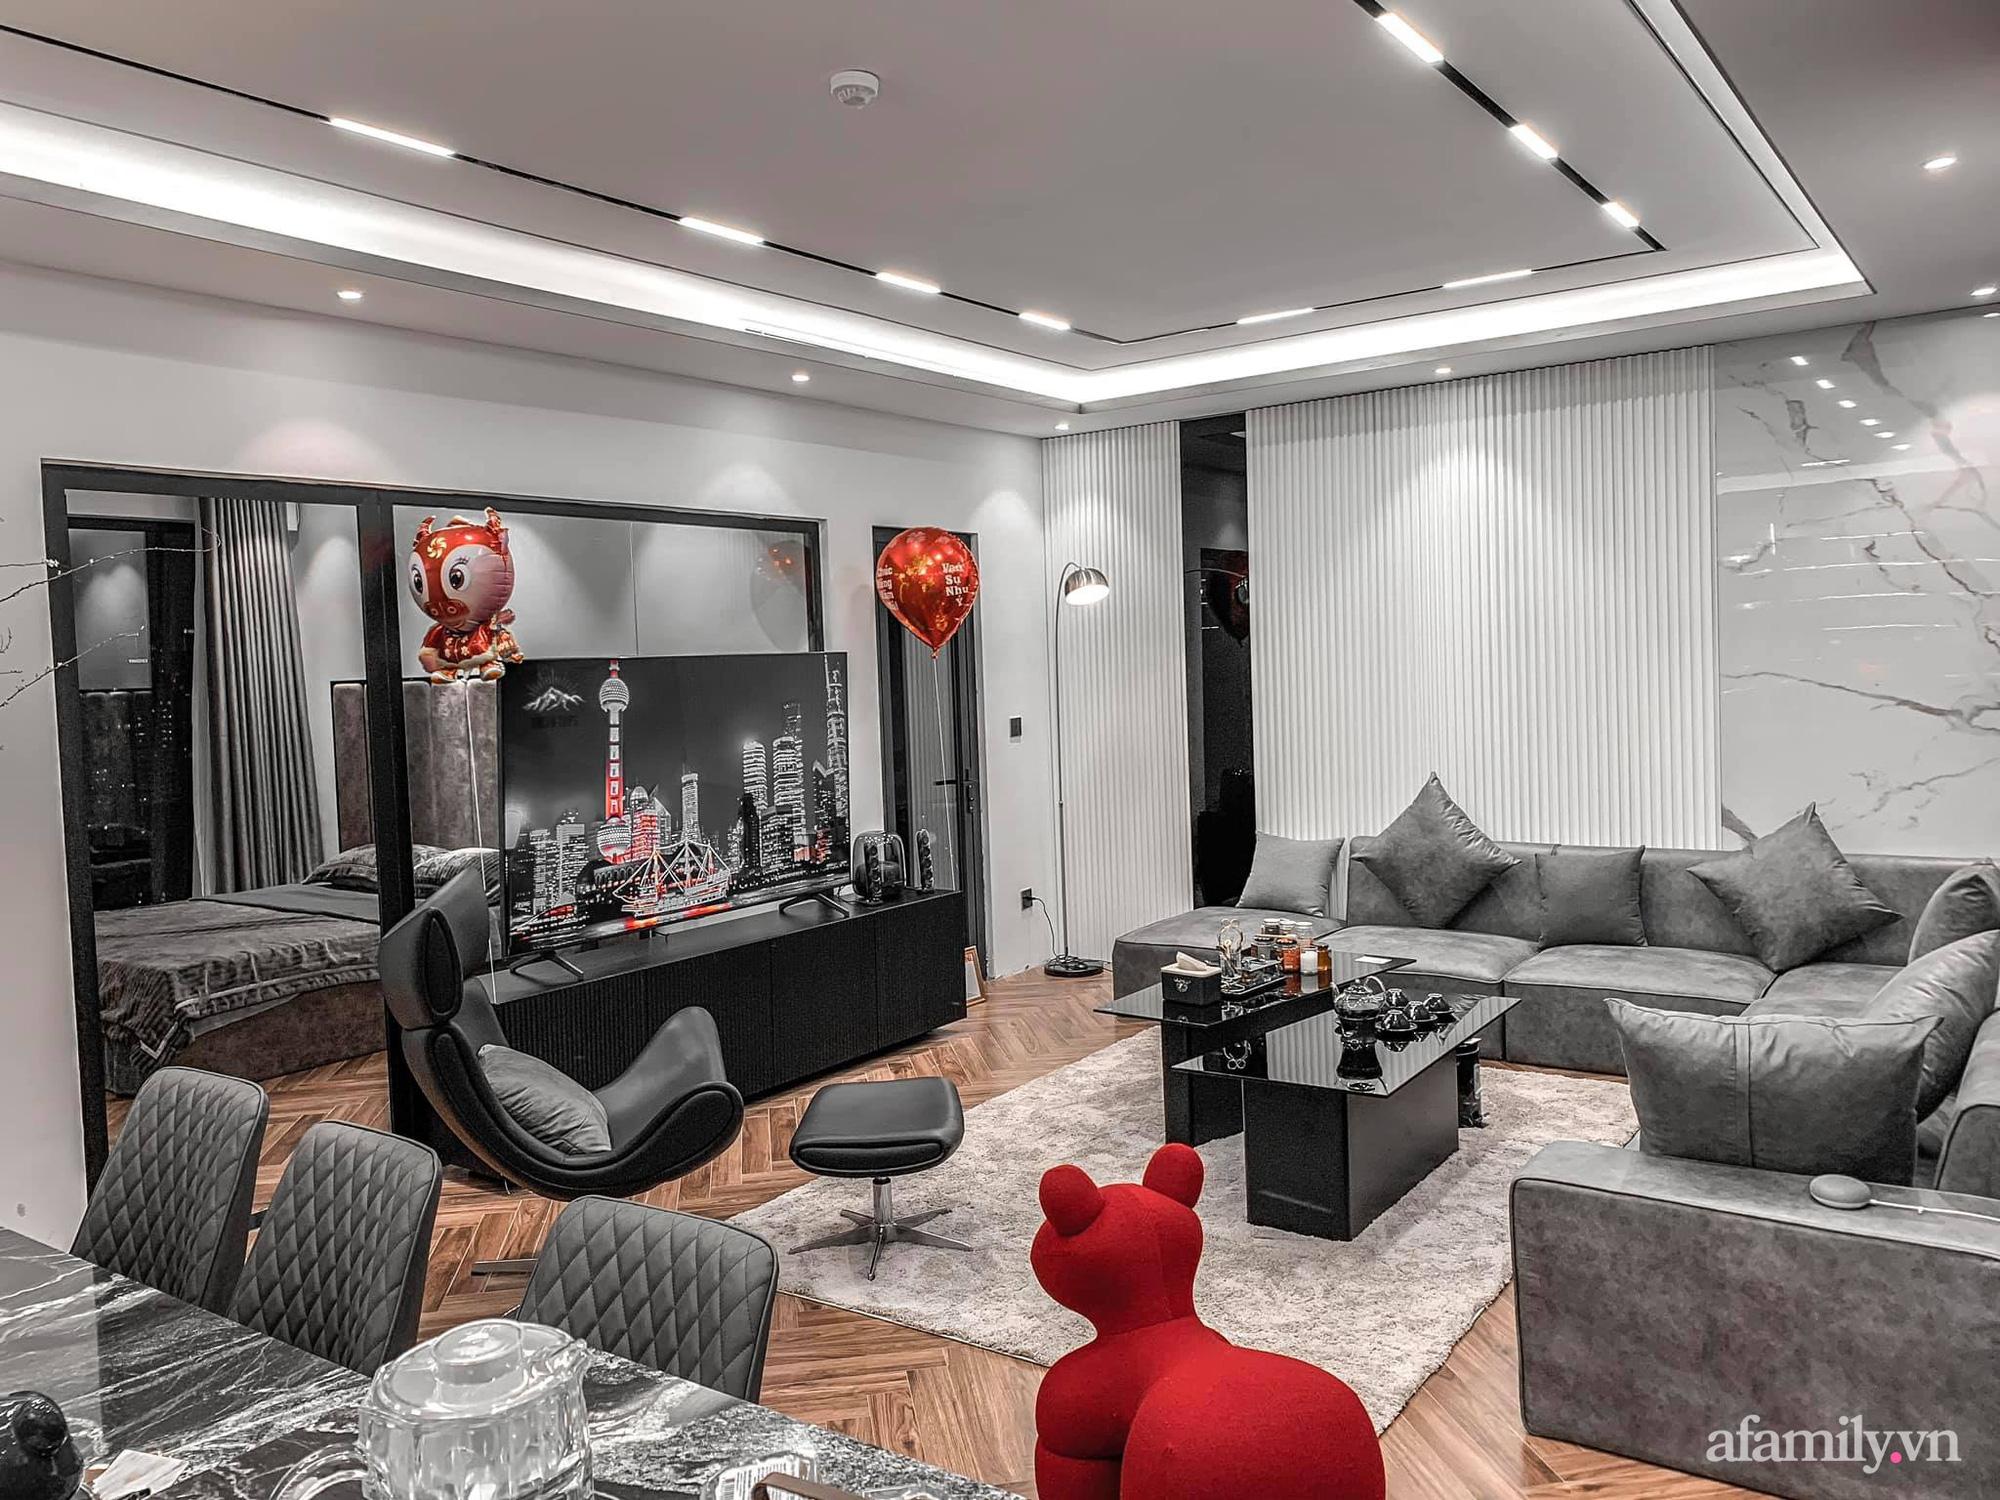 Căn hộ 125m² với gam màu tối cực chất của cặp vợ chồng yêu thời trang ở Hà Nội - Ảnh 6.